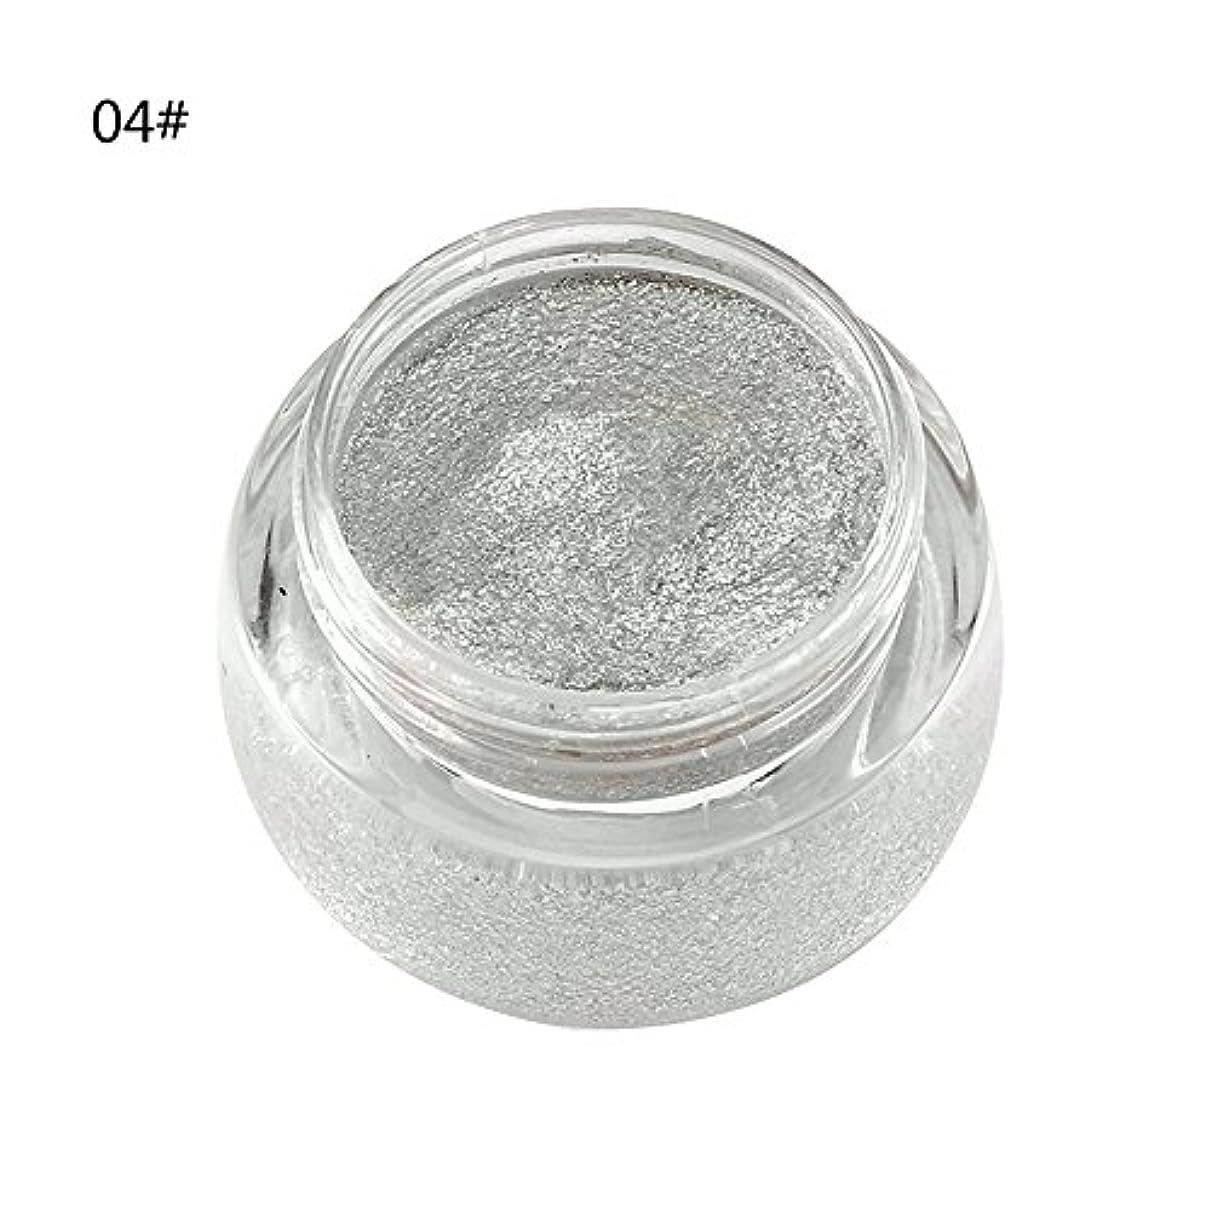 アイシャドウ 単色 化粧品 光沢 保湿 キラキラ 美しい タイプ 04